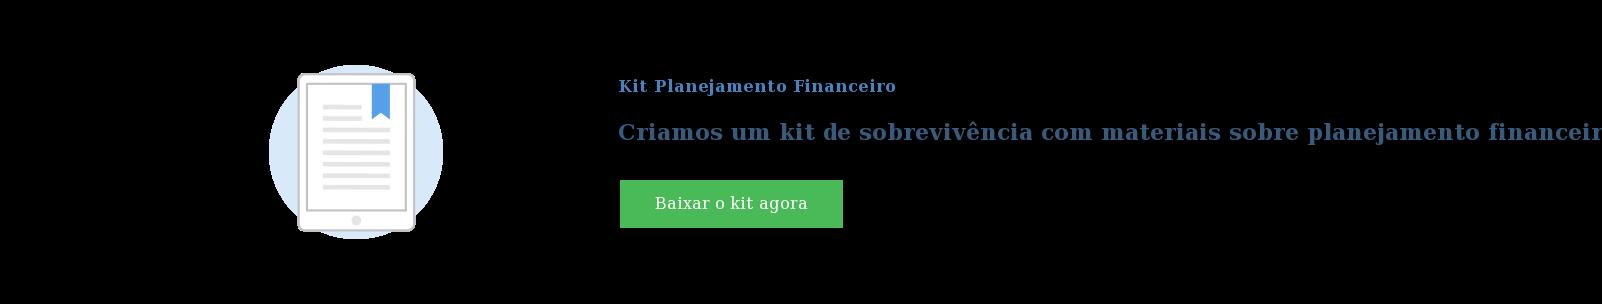 Kit Planejamento Financeiro  Criamos um kit de sobrevivência com materiais sobre planejamento financeiro  para sua empresa. Descubra! Baixar o kit agora